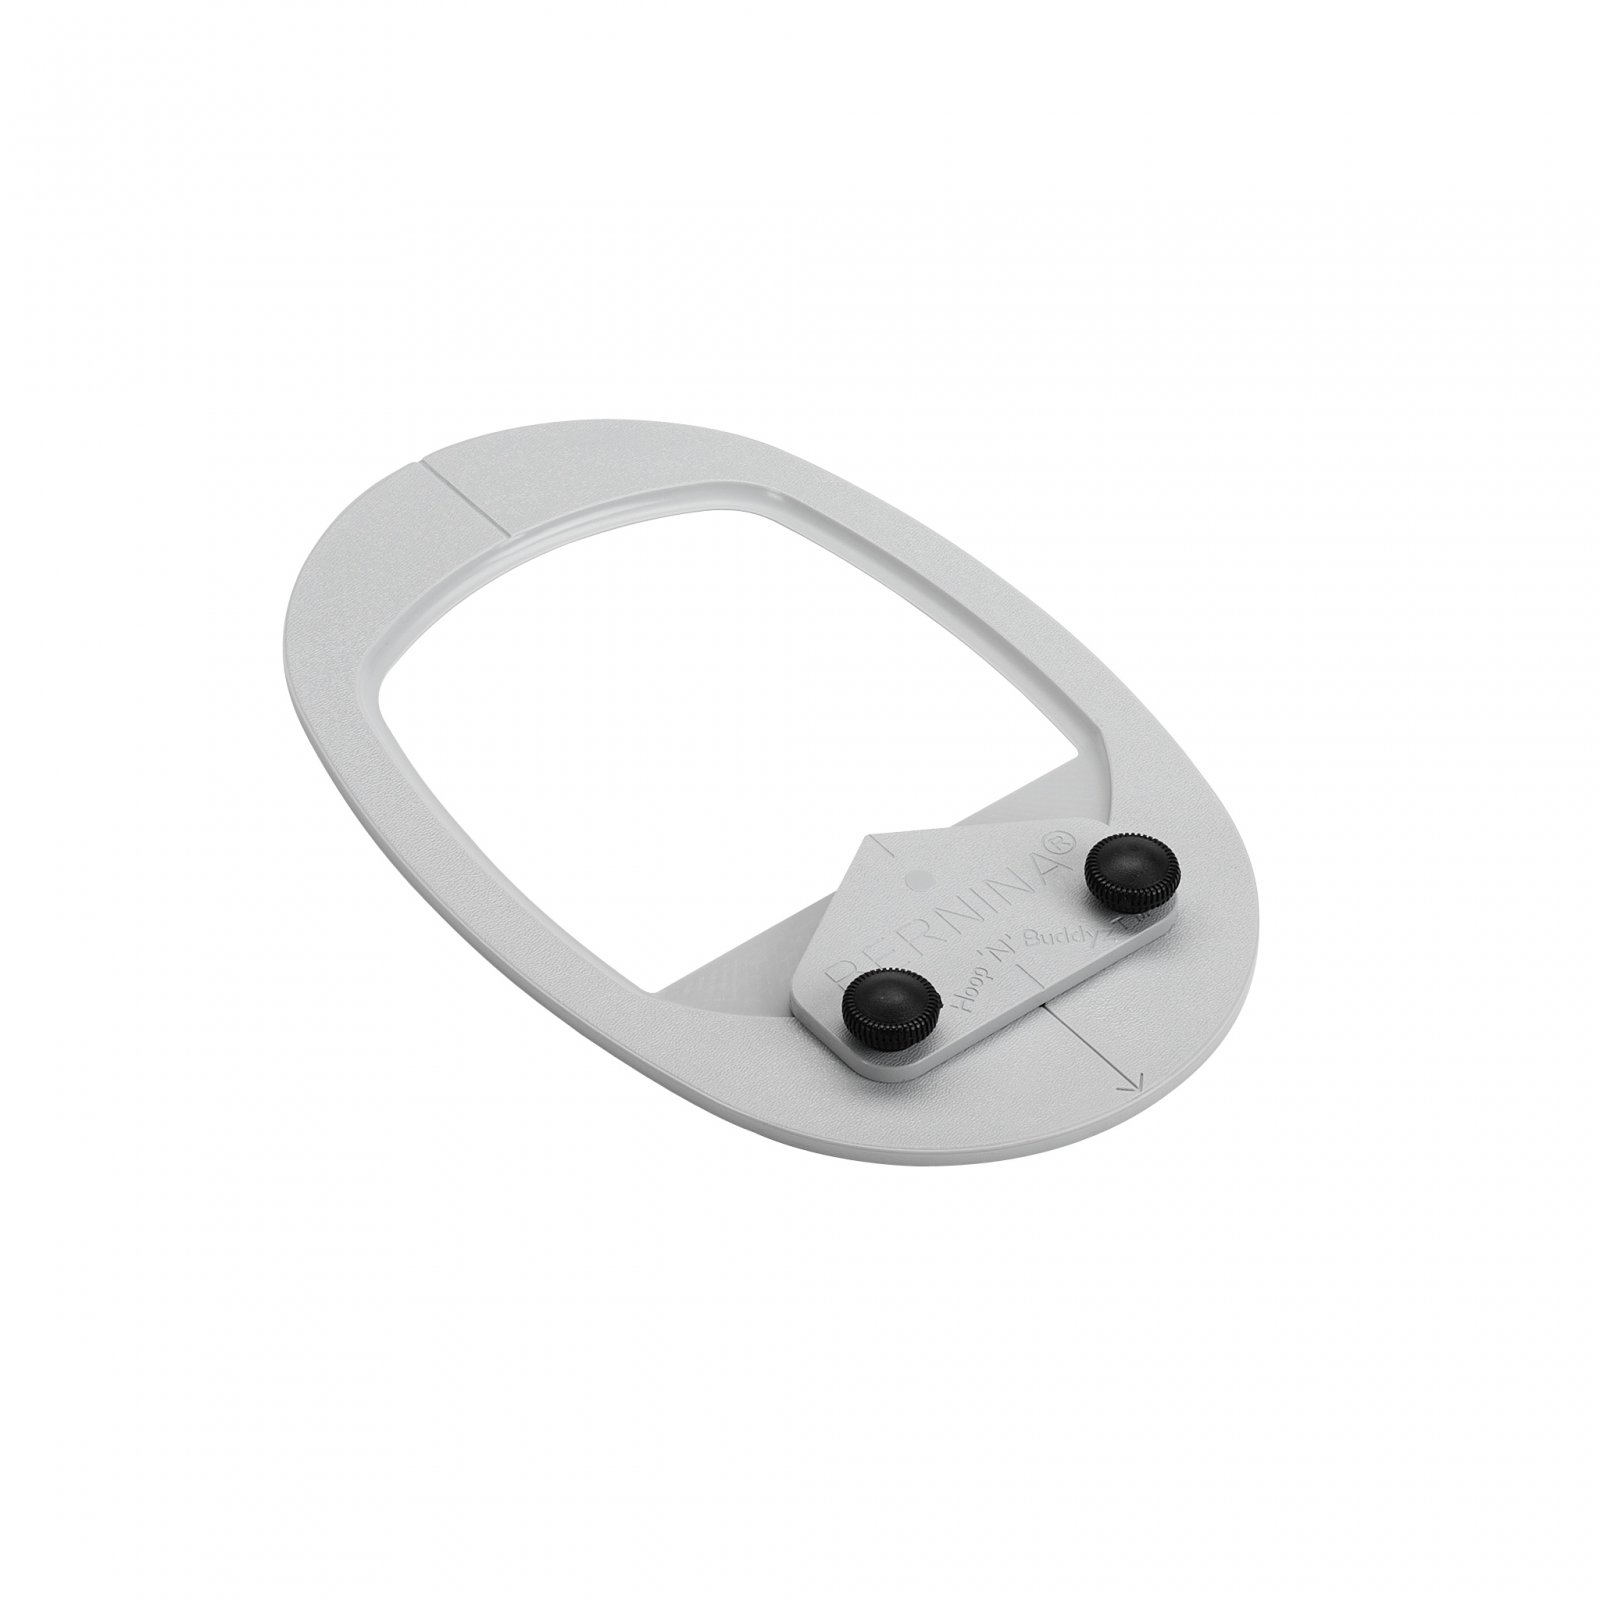 Hoop �N� Buddyz Hat Hoop Insert (185/200/430/440/630/640/730) USE Oval Hoop